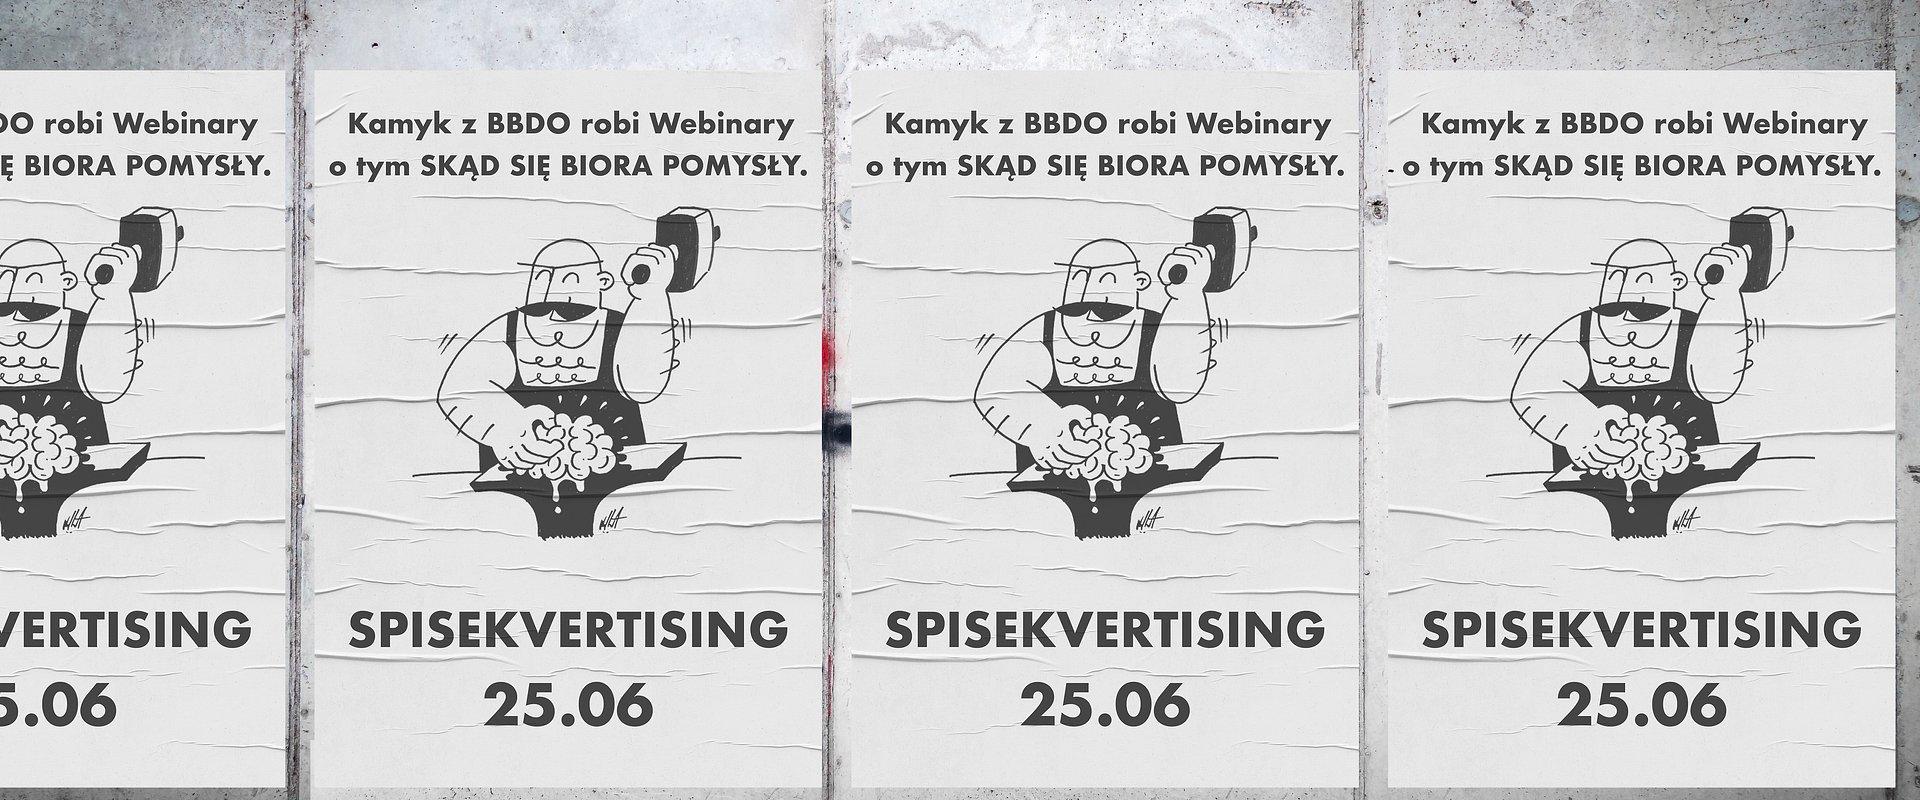 """""""Spisekvertising"""" czyli webinar nr 2 z cyklu """"Skąd się biorą pomysły"""". BBDO i Redestowicz o kreatywności."""